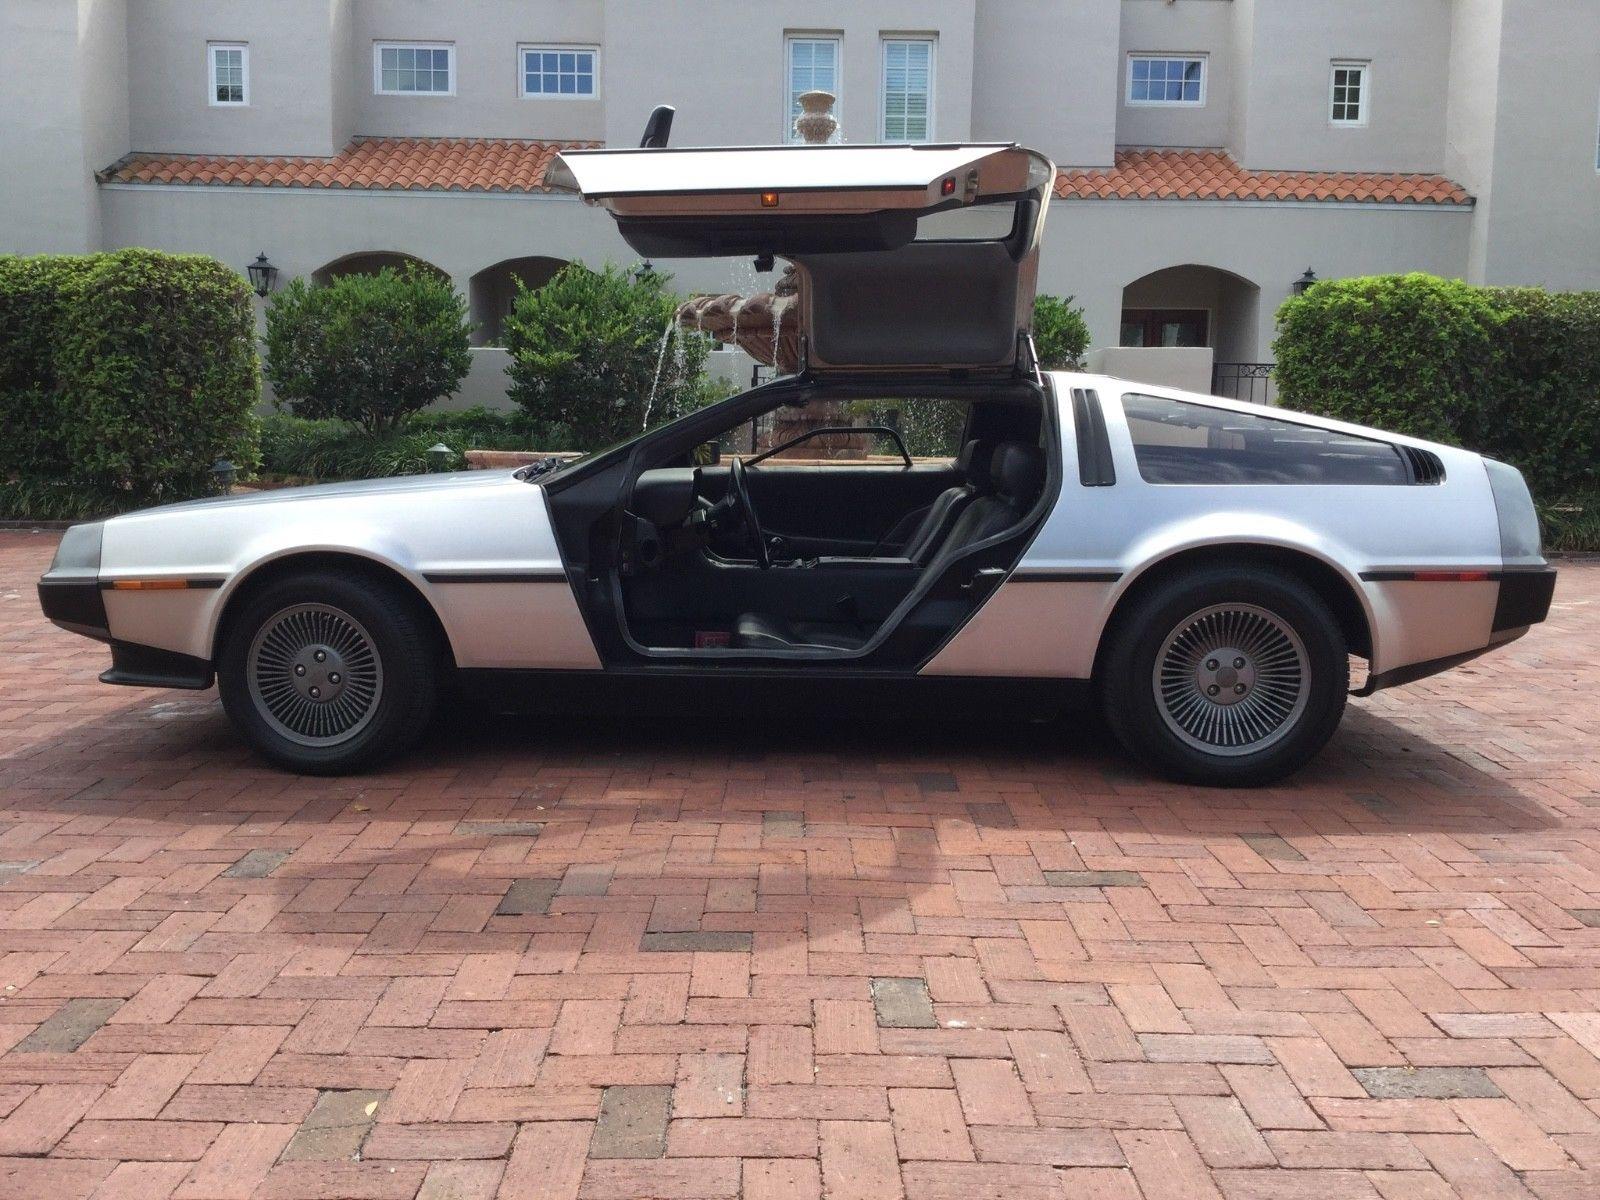 1981 DeLorean DMC-12 profile